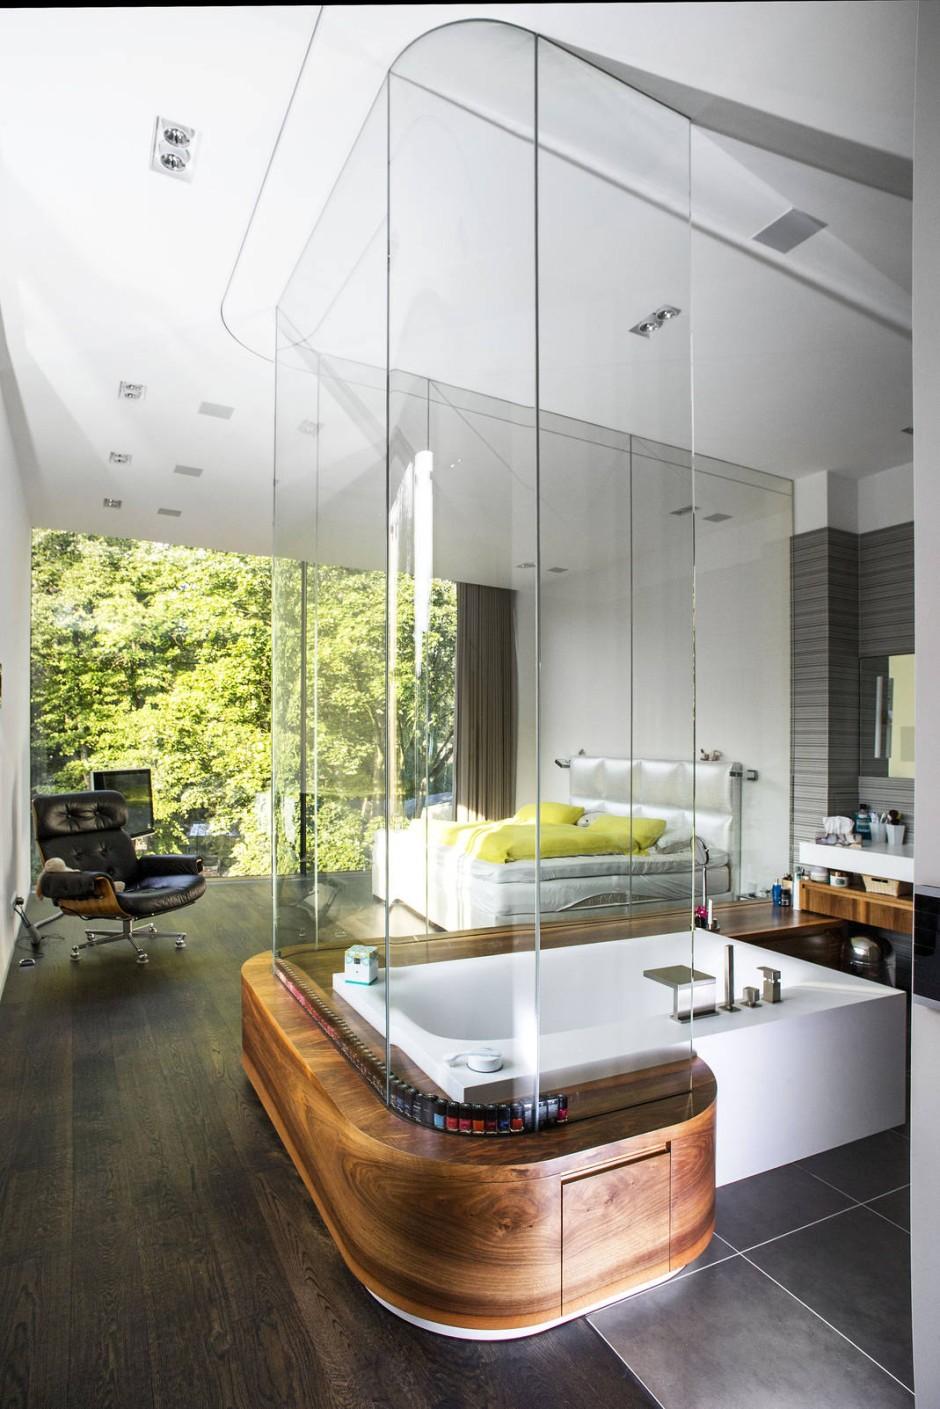 bilderstrecke zu neue h user villa in berlin grunewald bild 6 von 7 faz. Black Bedroom Furniture Sets. Home Design Ideas